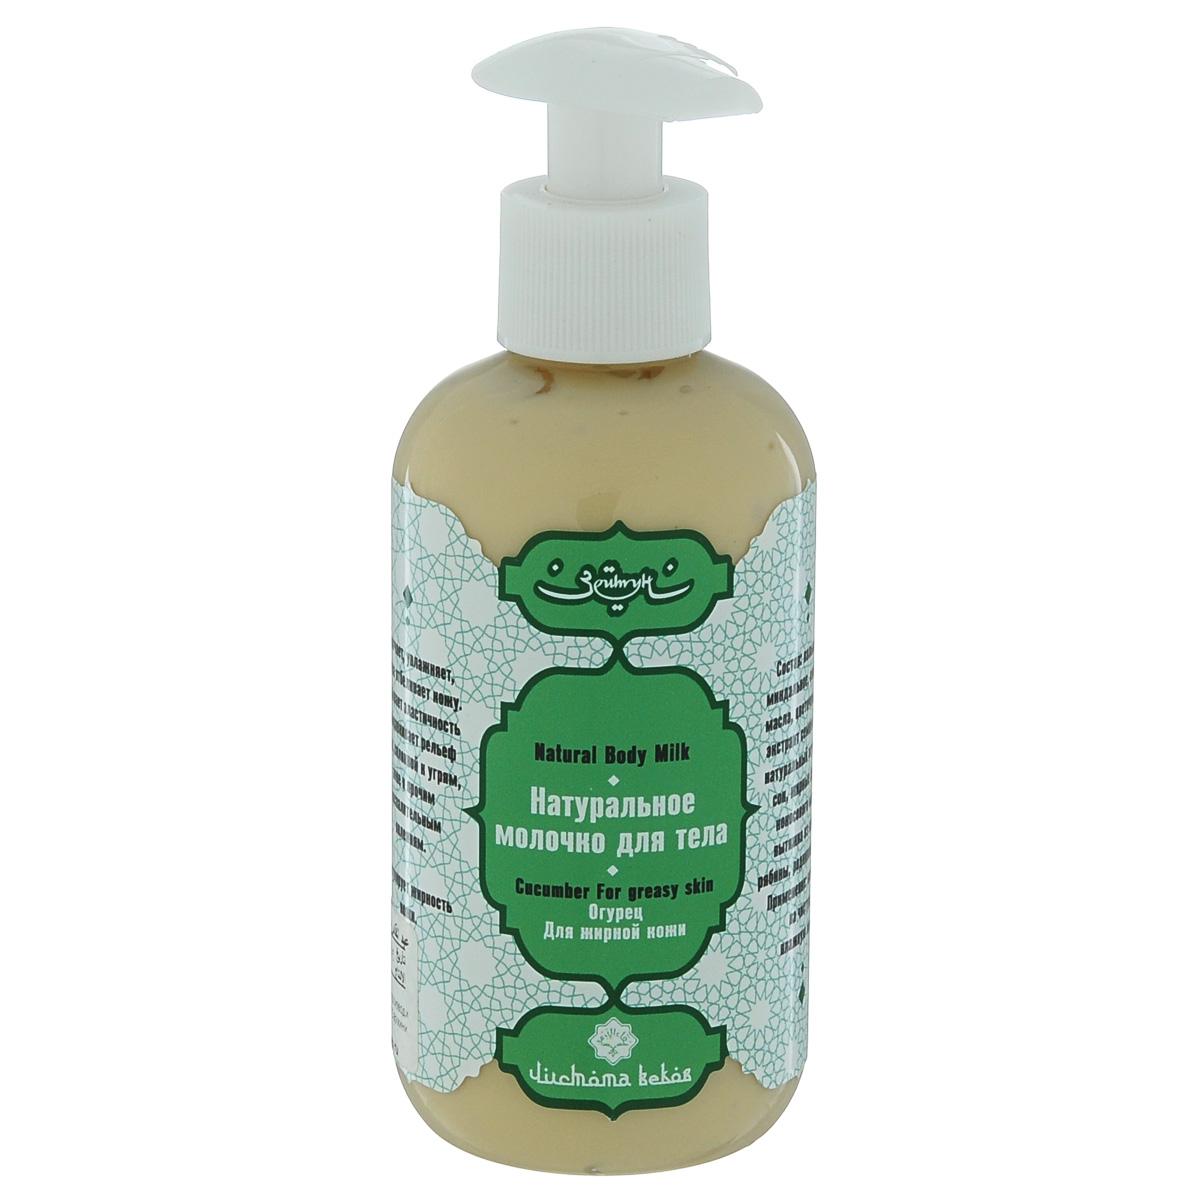 Зейтун Молочко для тела Огурец, 200 млFS-00897Смягчает, увлажняет, слегка отбеливает кожу. Повышает эластичность и выравнивает рельеф кожи склонной к угрям, акне и прочим воспалительным явлениям. Регулирует жирность кожи.